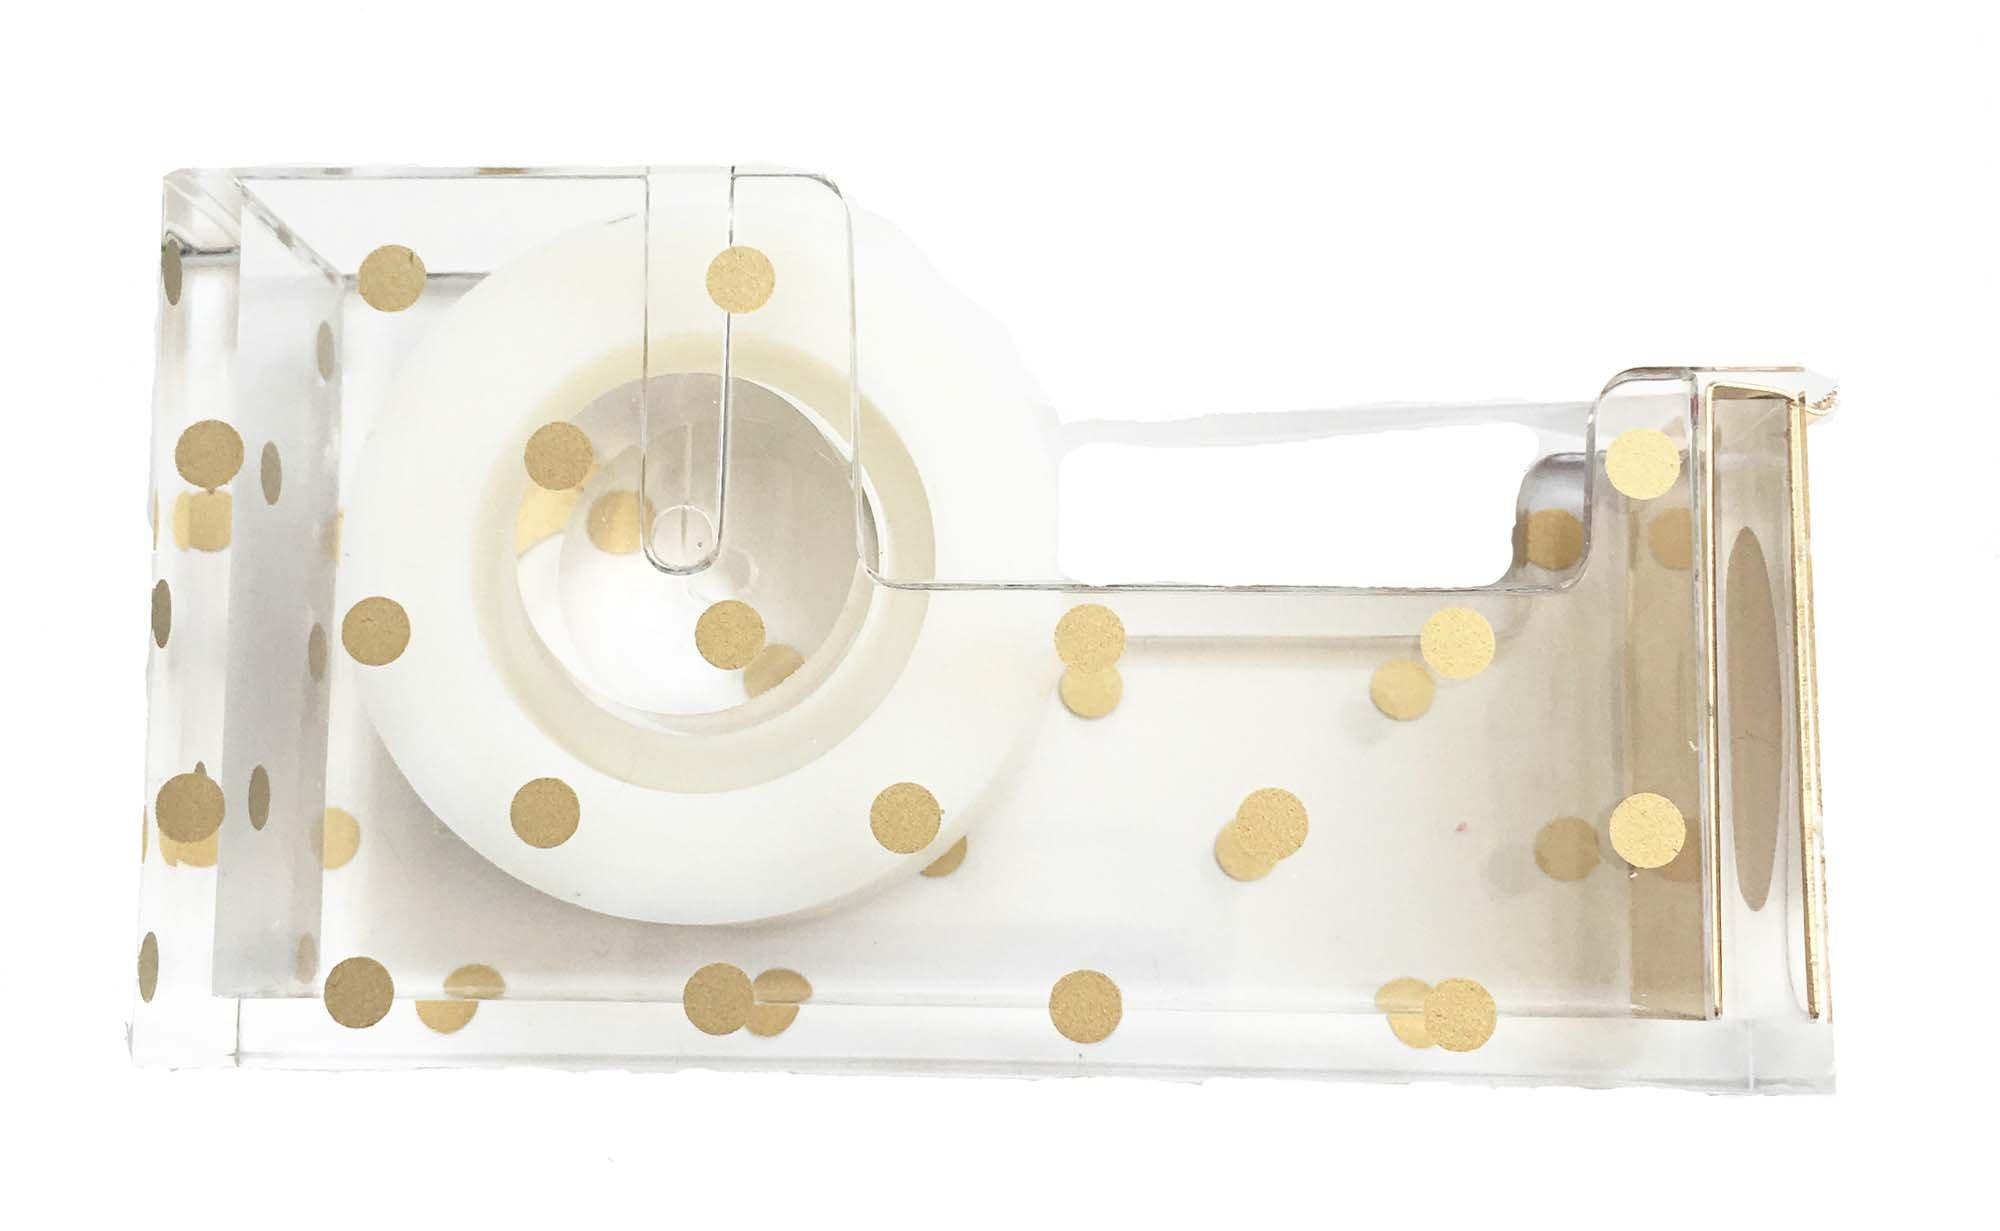 Acrylic Tape Dispenser   Gold Polka Dot - Chic, Modern Desk and Office Supplies (Tape Dispenser)